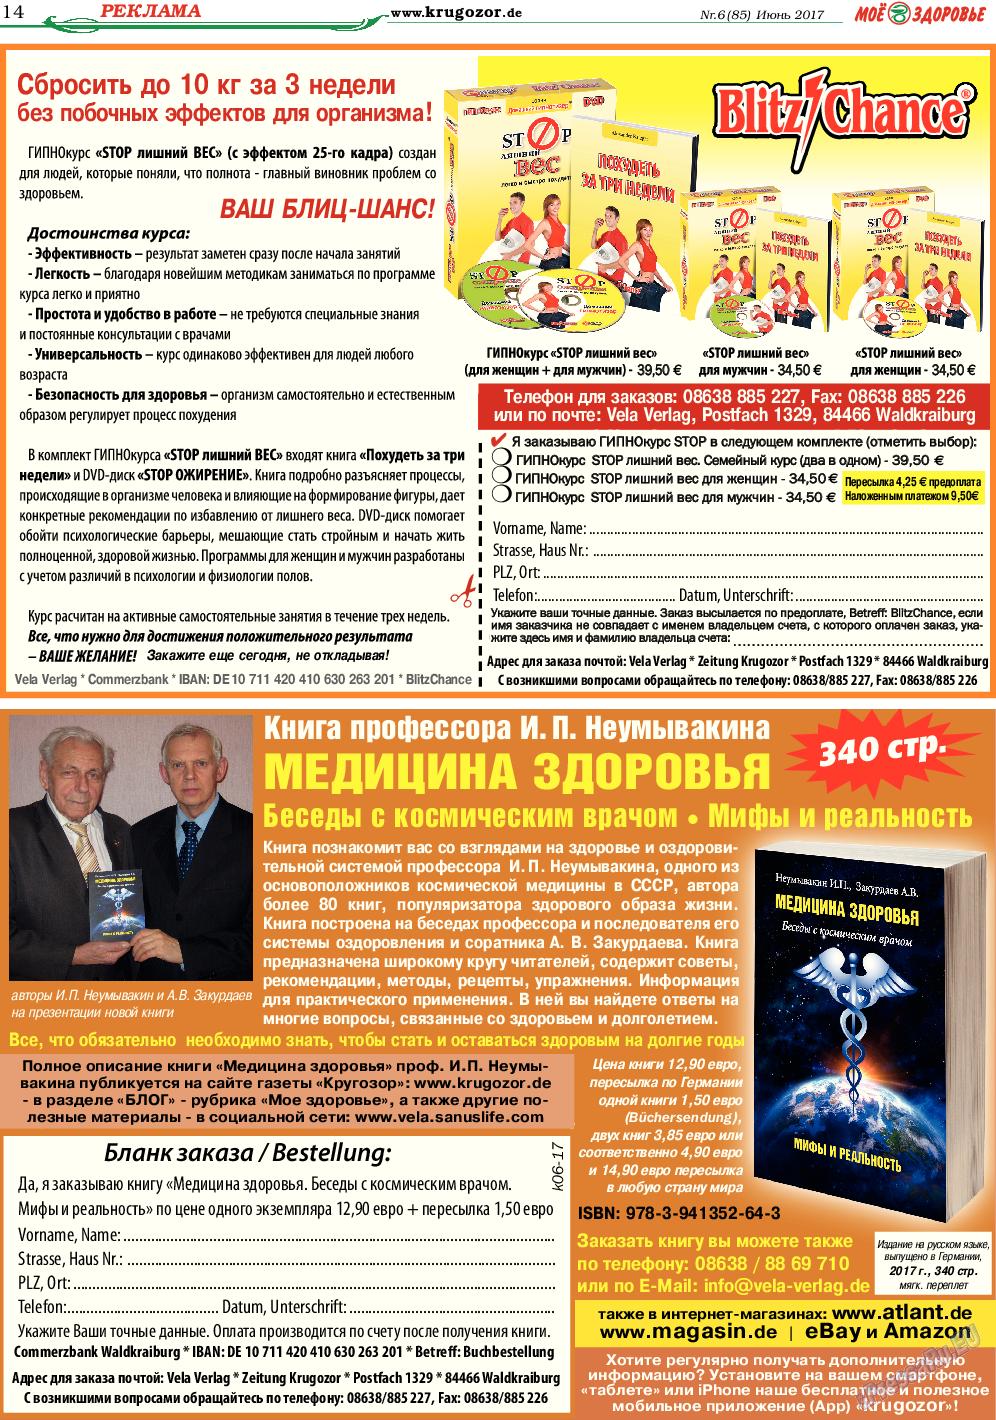 Кругозор (газета). 2017 год, номер 6, стр. 14